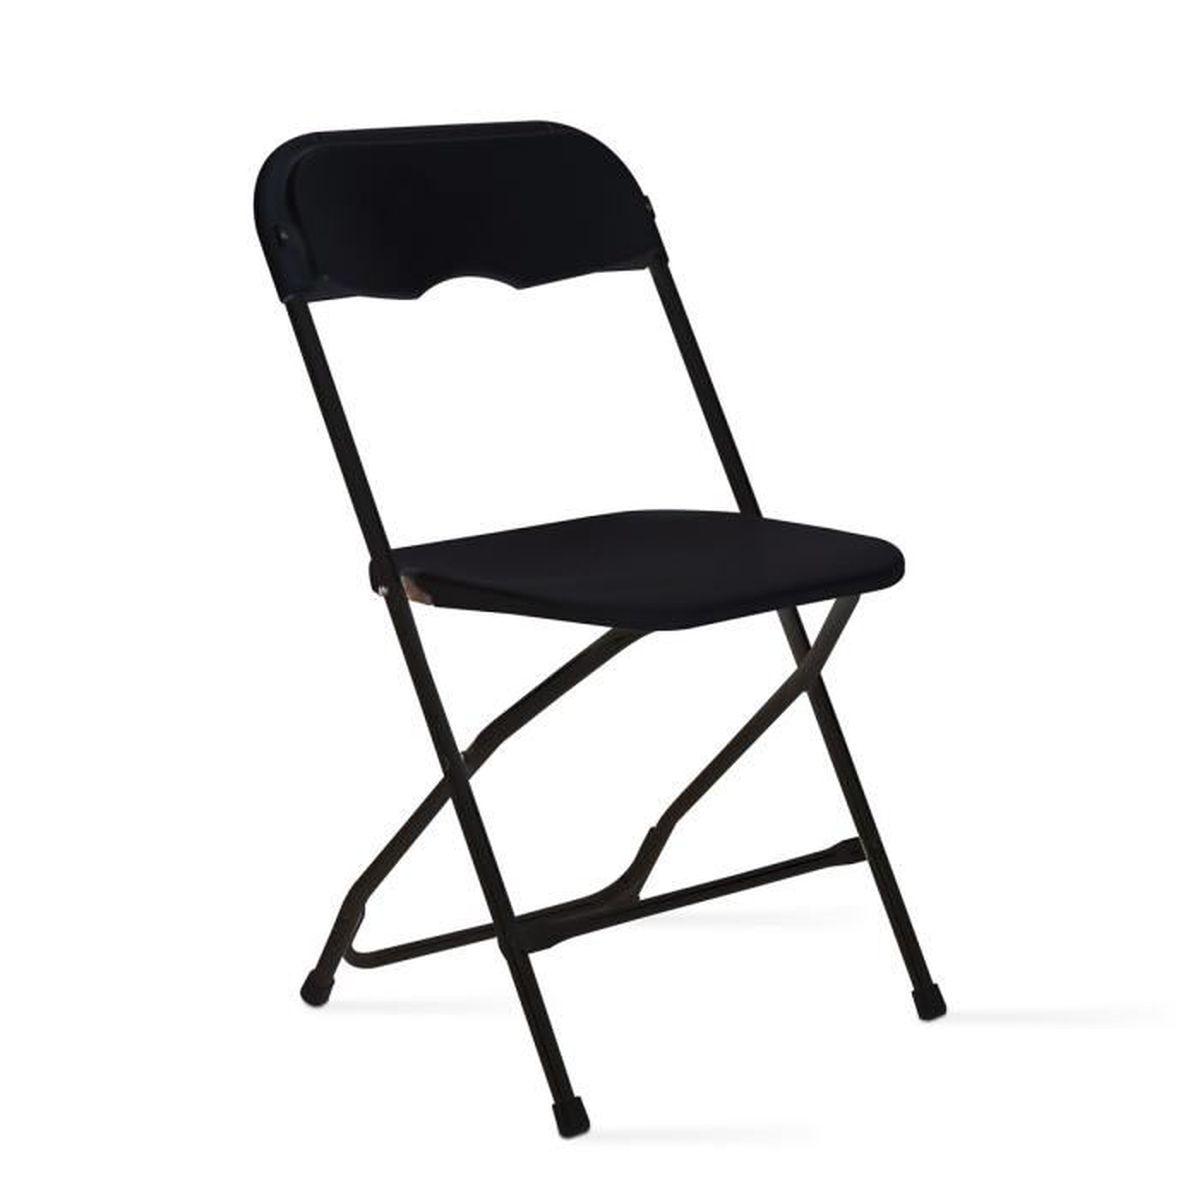 chaise pliante noire achat vente chaise noir cdiscount. Black Bedroom Furniture Sets. Home Design Ideas